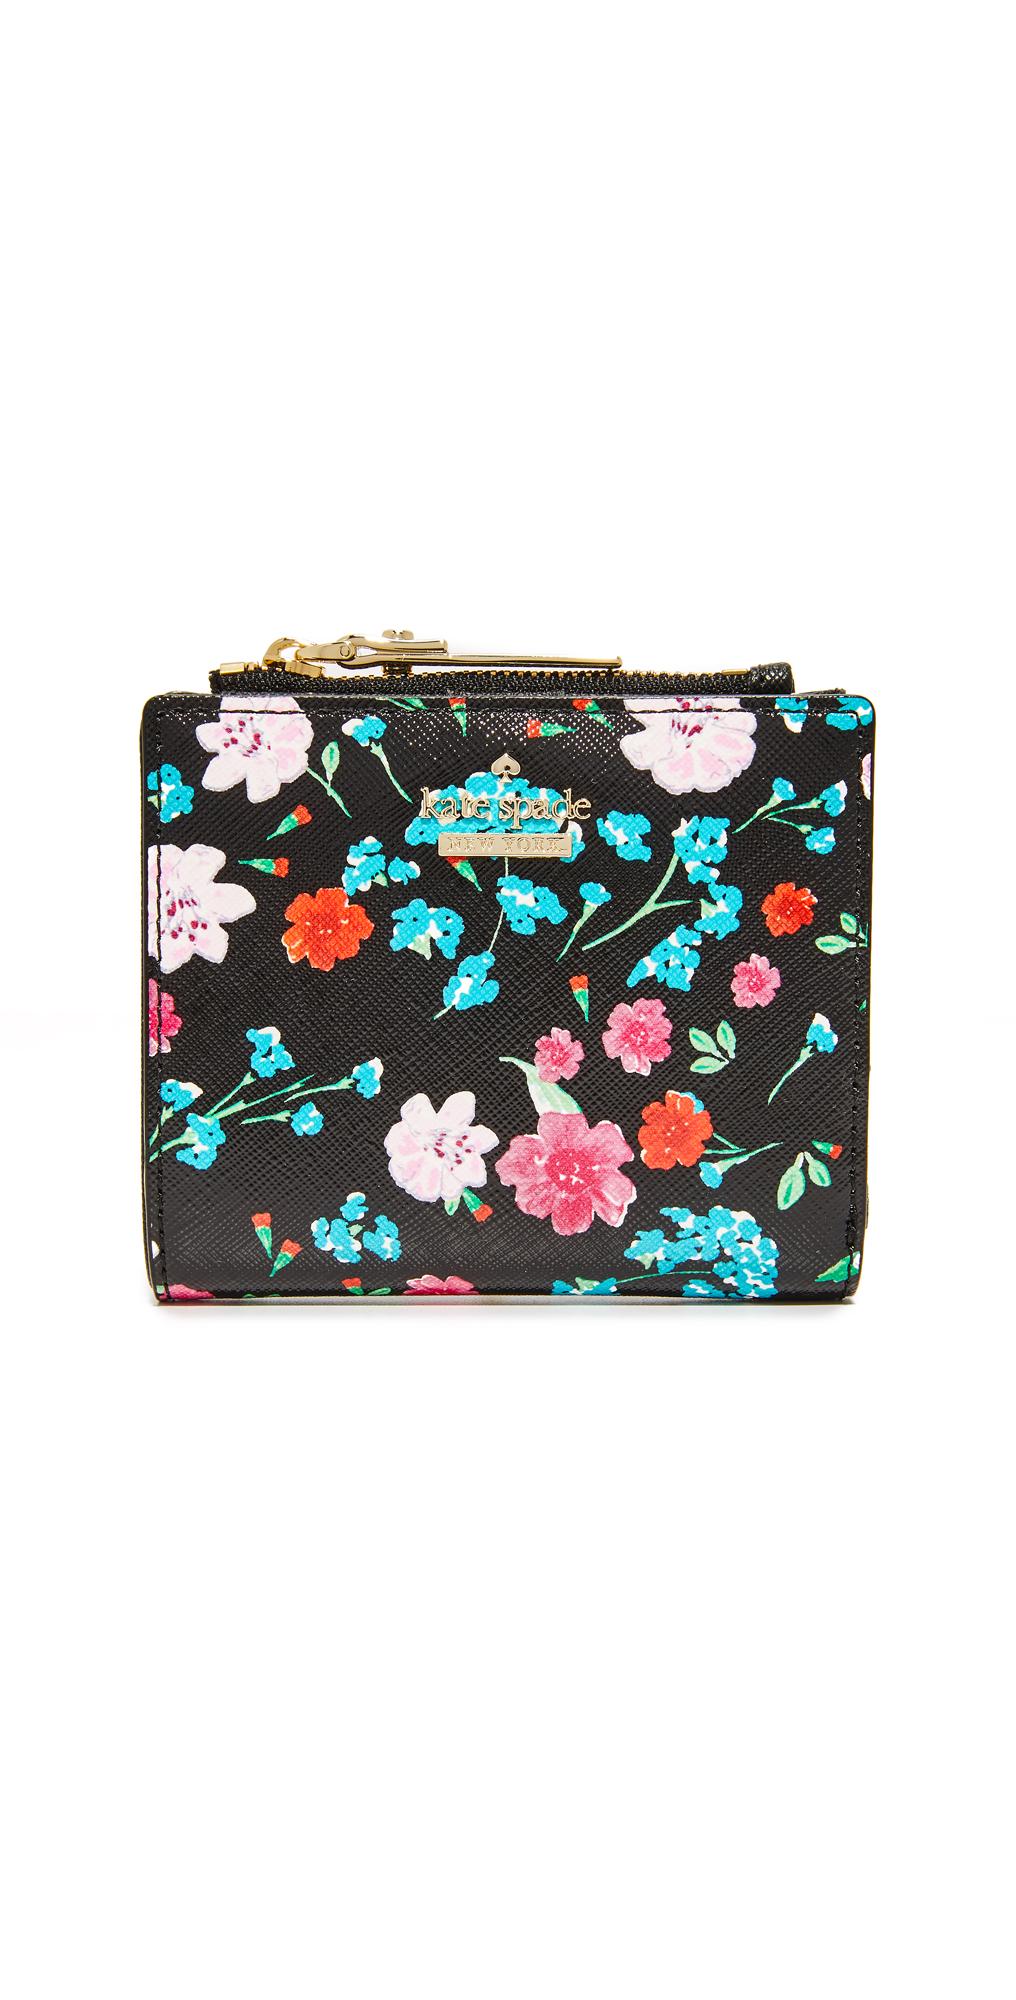 Adalyn Mini Wallet Kate Spade New York